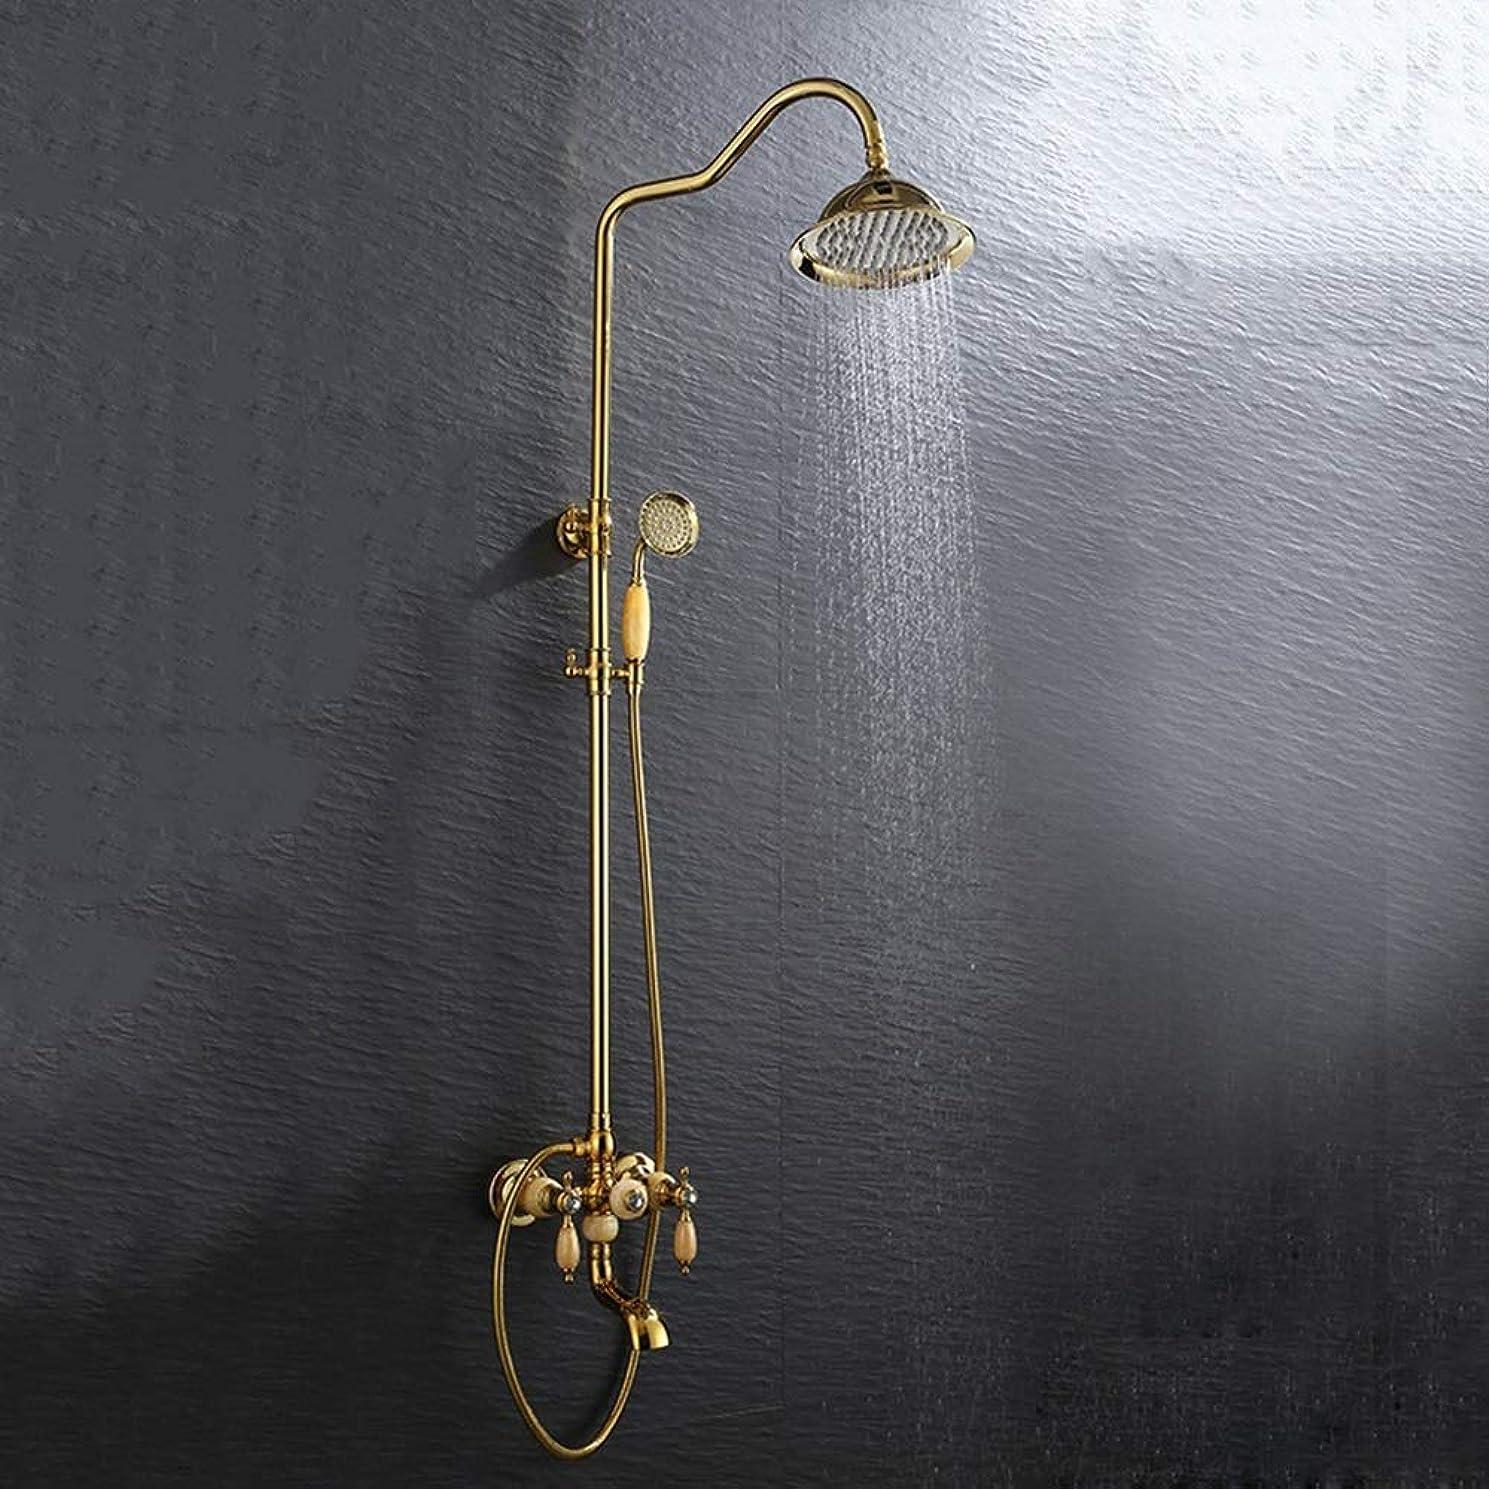 軍団交差点降伏ホット&コールドシャワーシステム3種類の屋台ヨーロッパの金玉シャワーセット銅シャワーの蛇口サーモスタットトップスプレーリフティング家庭用ハンドヘルド シンプルで実用的